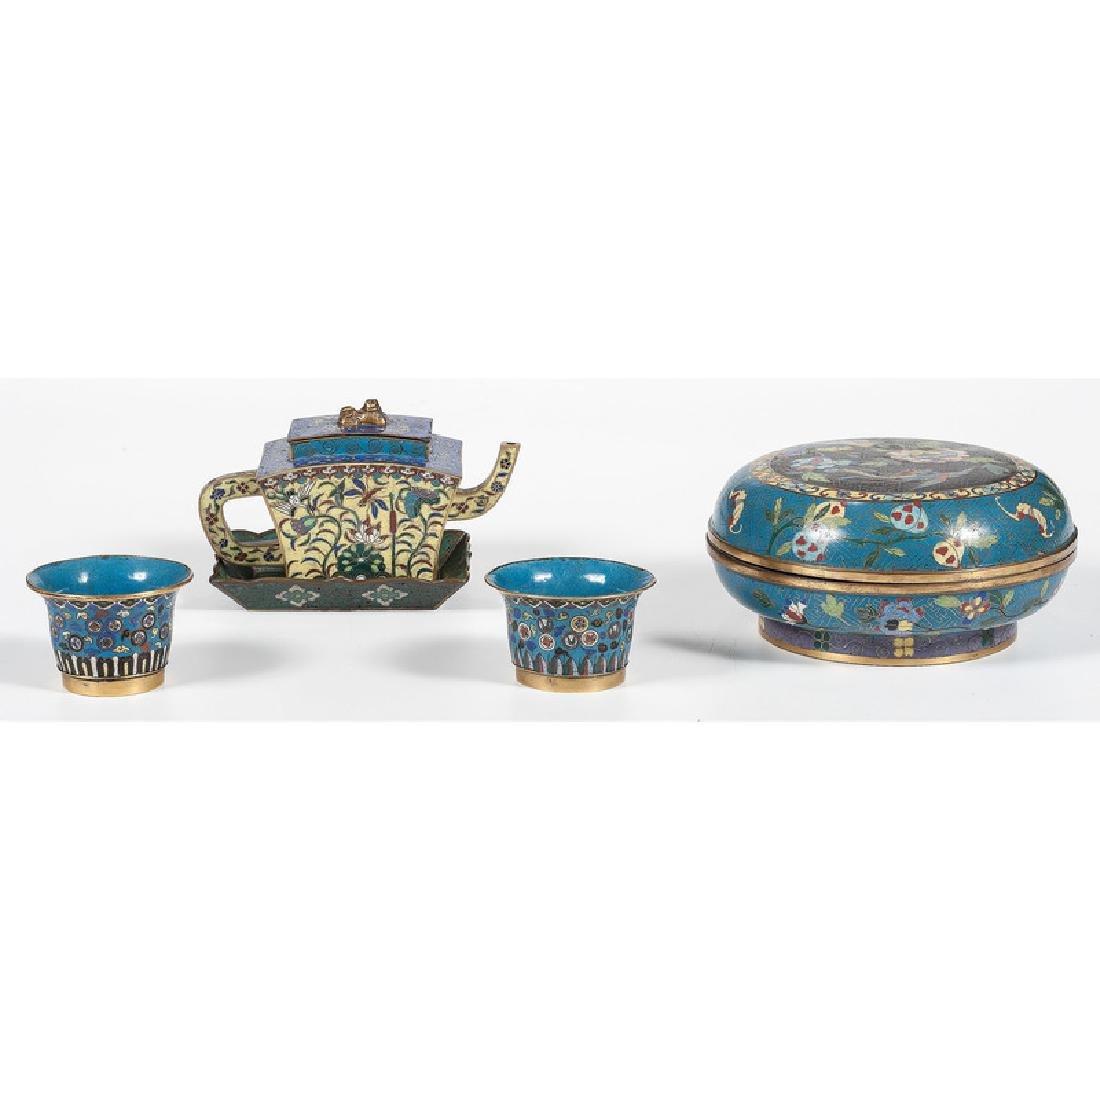 Cloisonné Teawares and Bowl